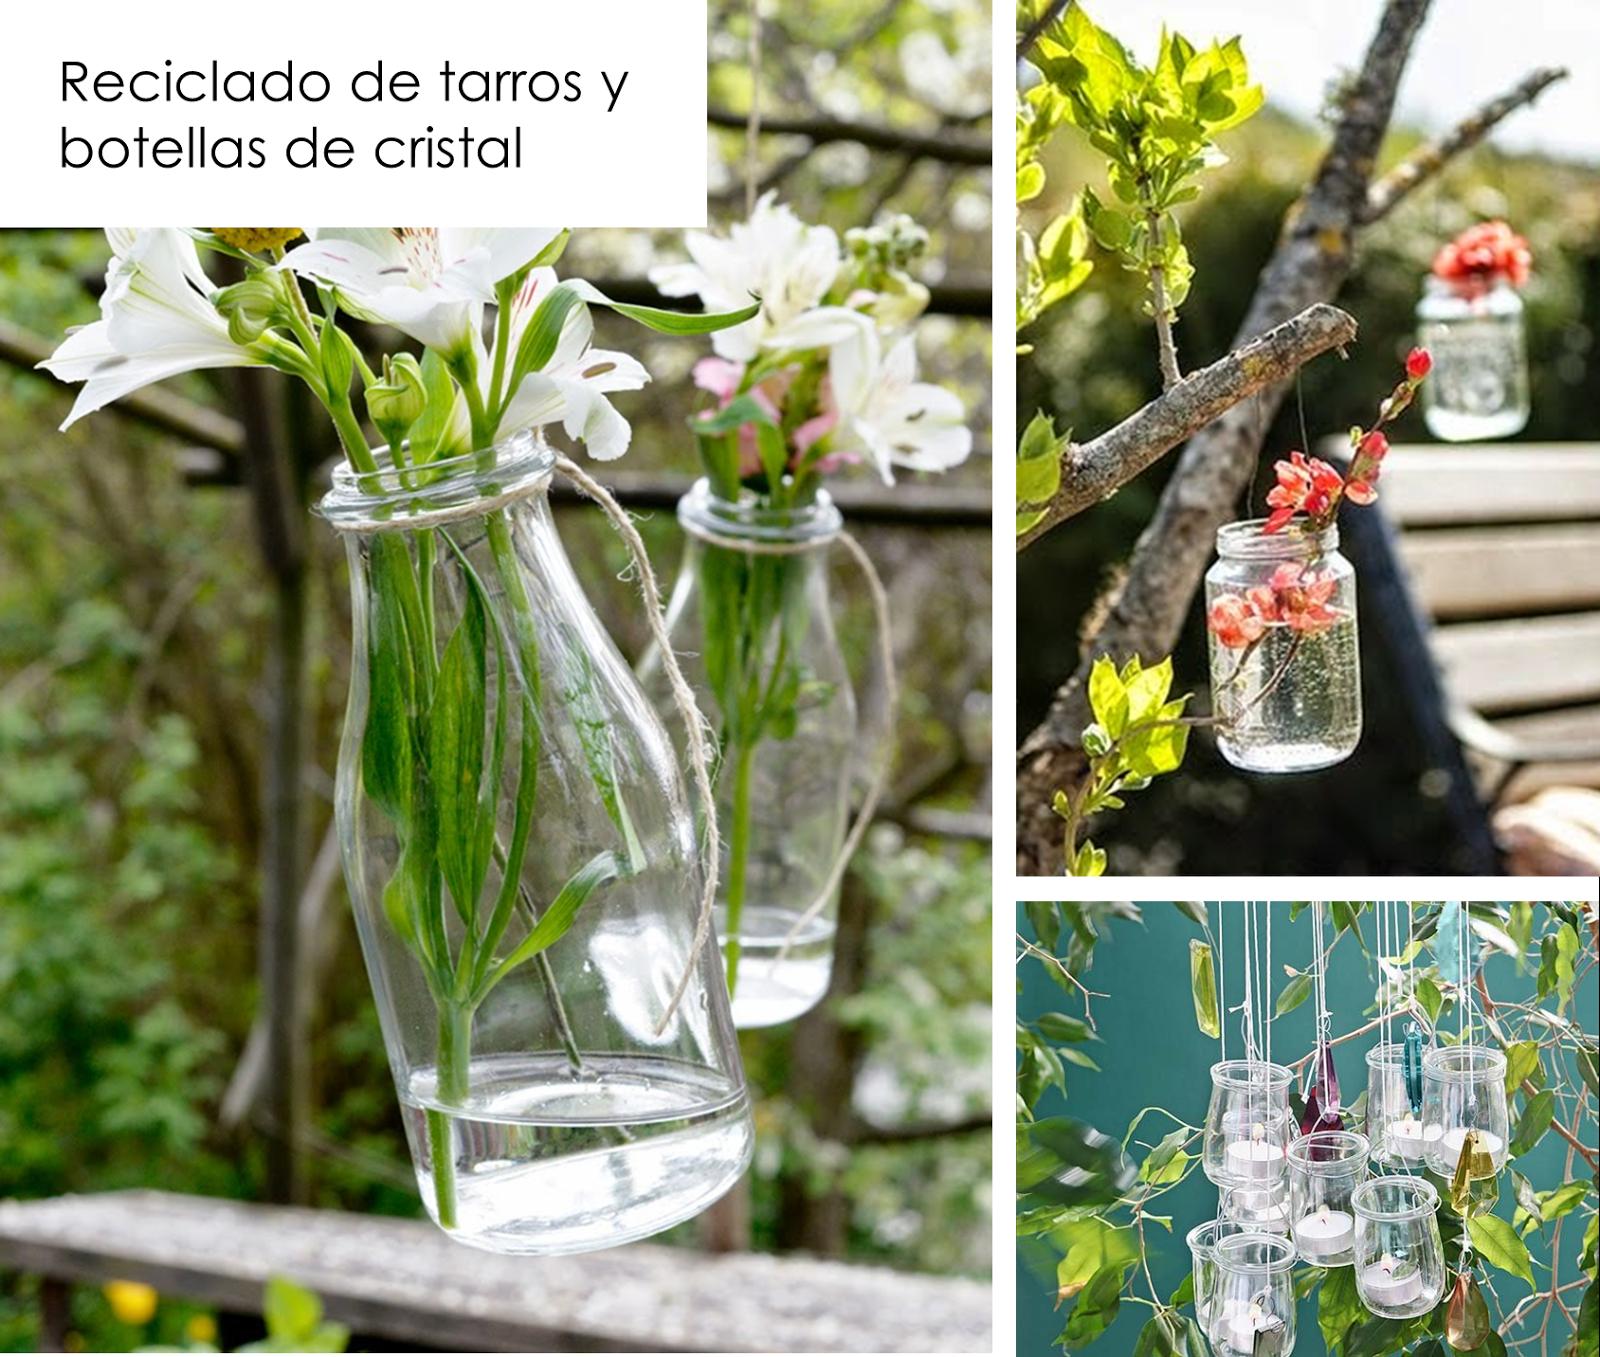 Decoracion facil ideas para decorar reciclando en el jard n y terraza plantas reusar - Decorar terrazas reciclando ...